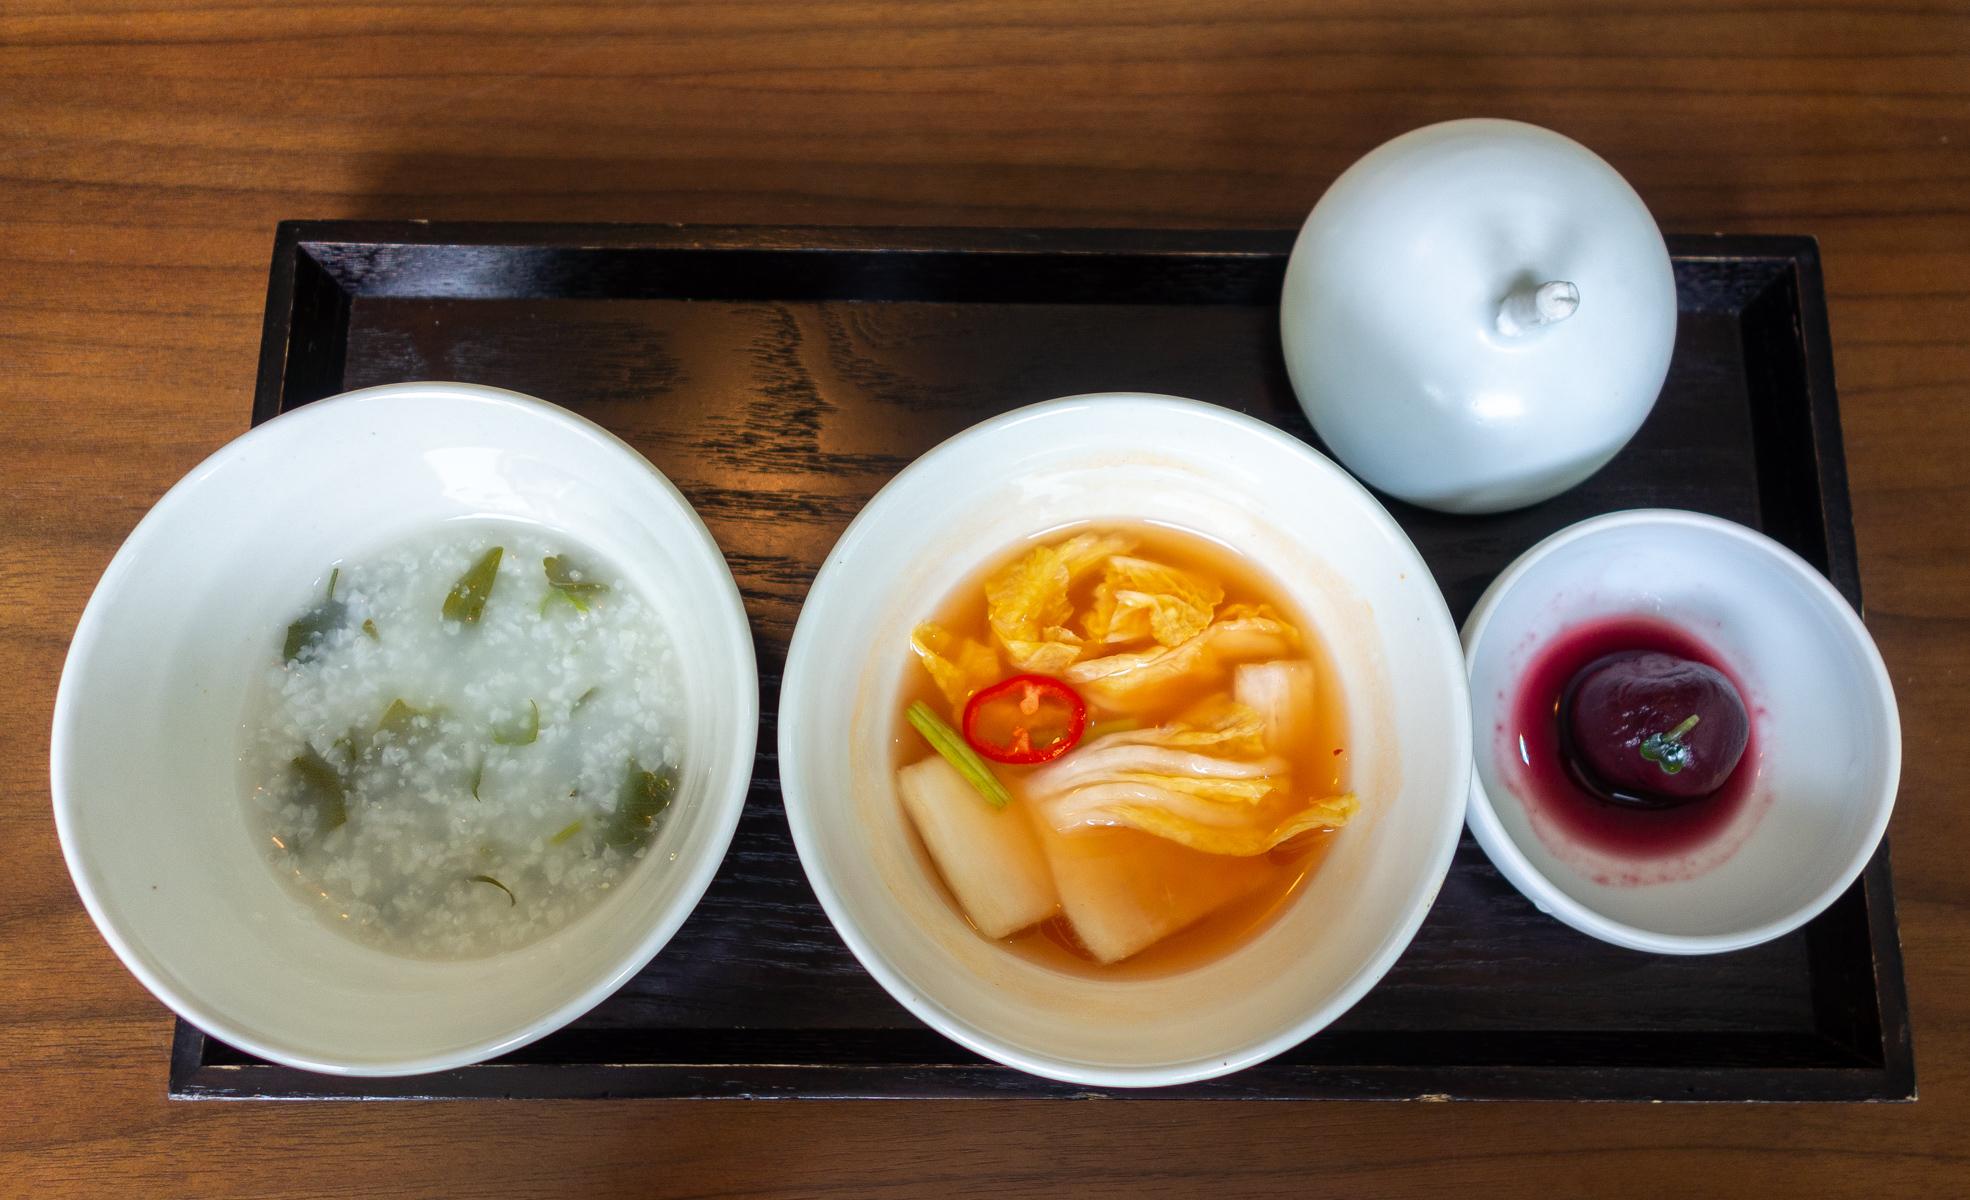 De gauche à droite : gruau de riz, chou chinois mariné et tomate cerise confite